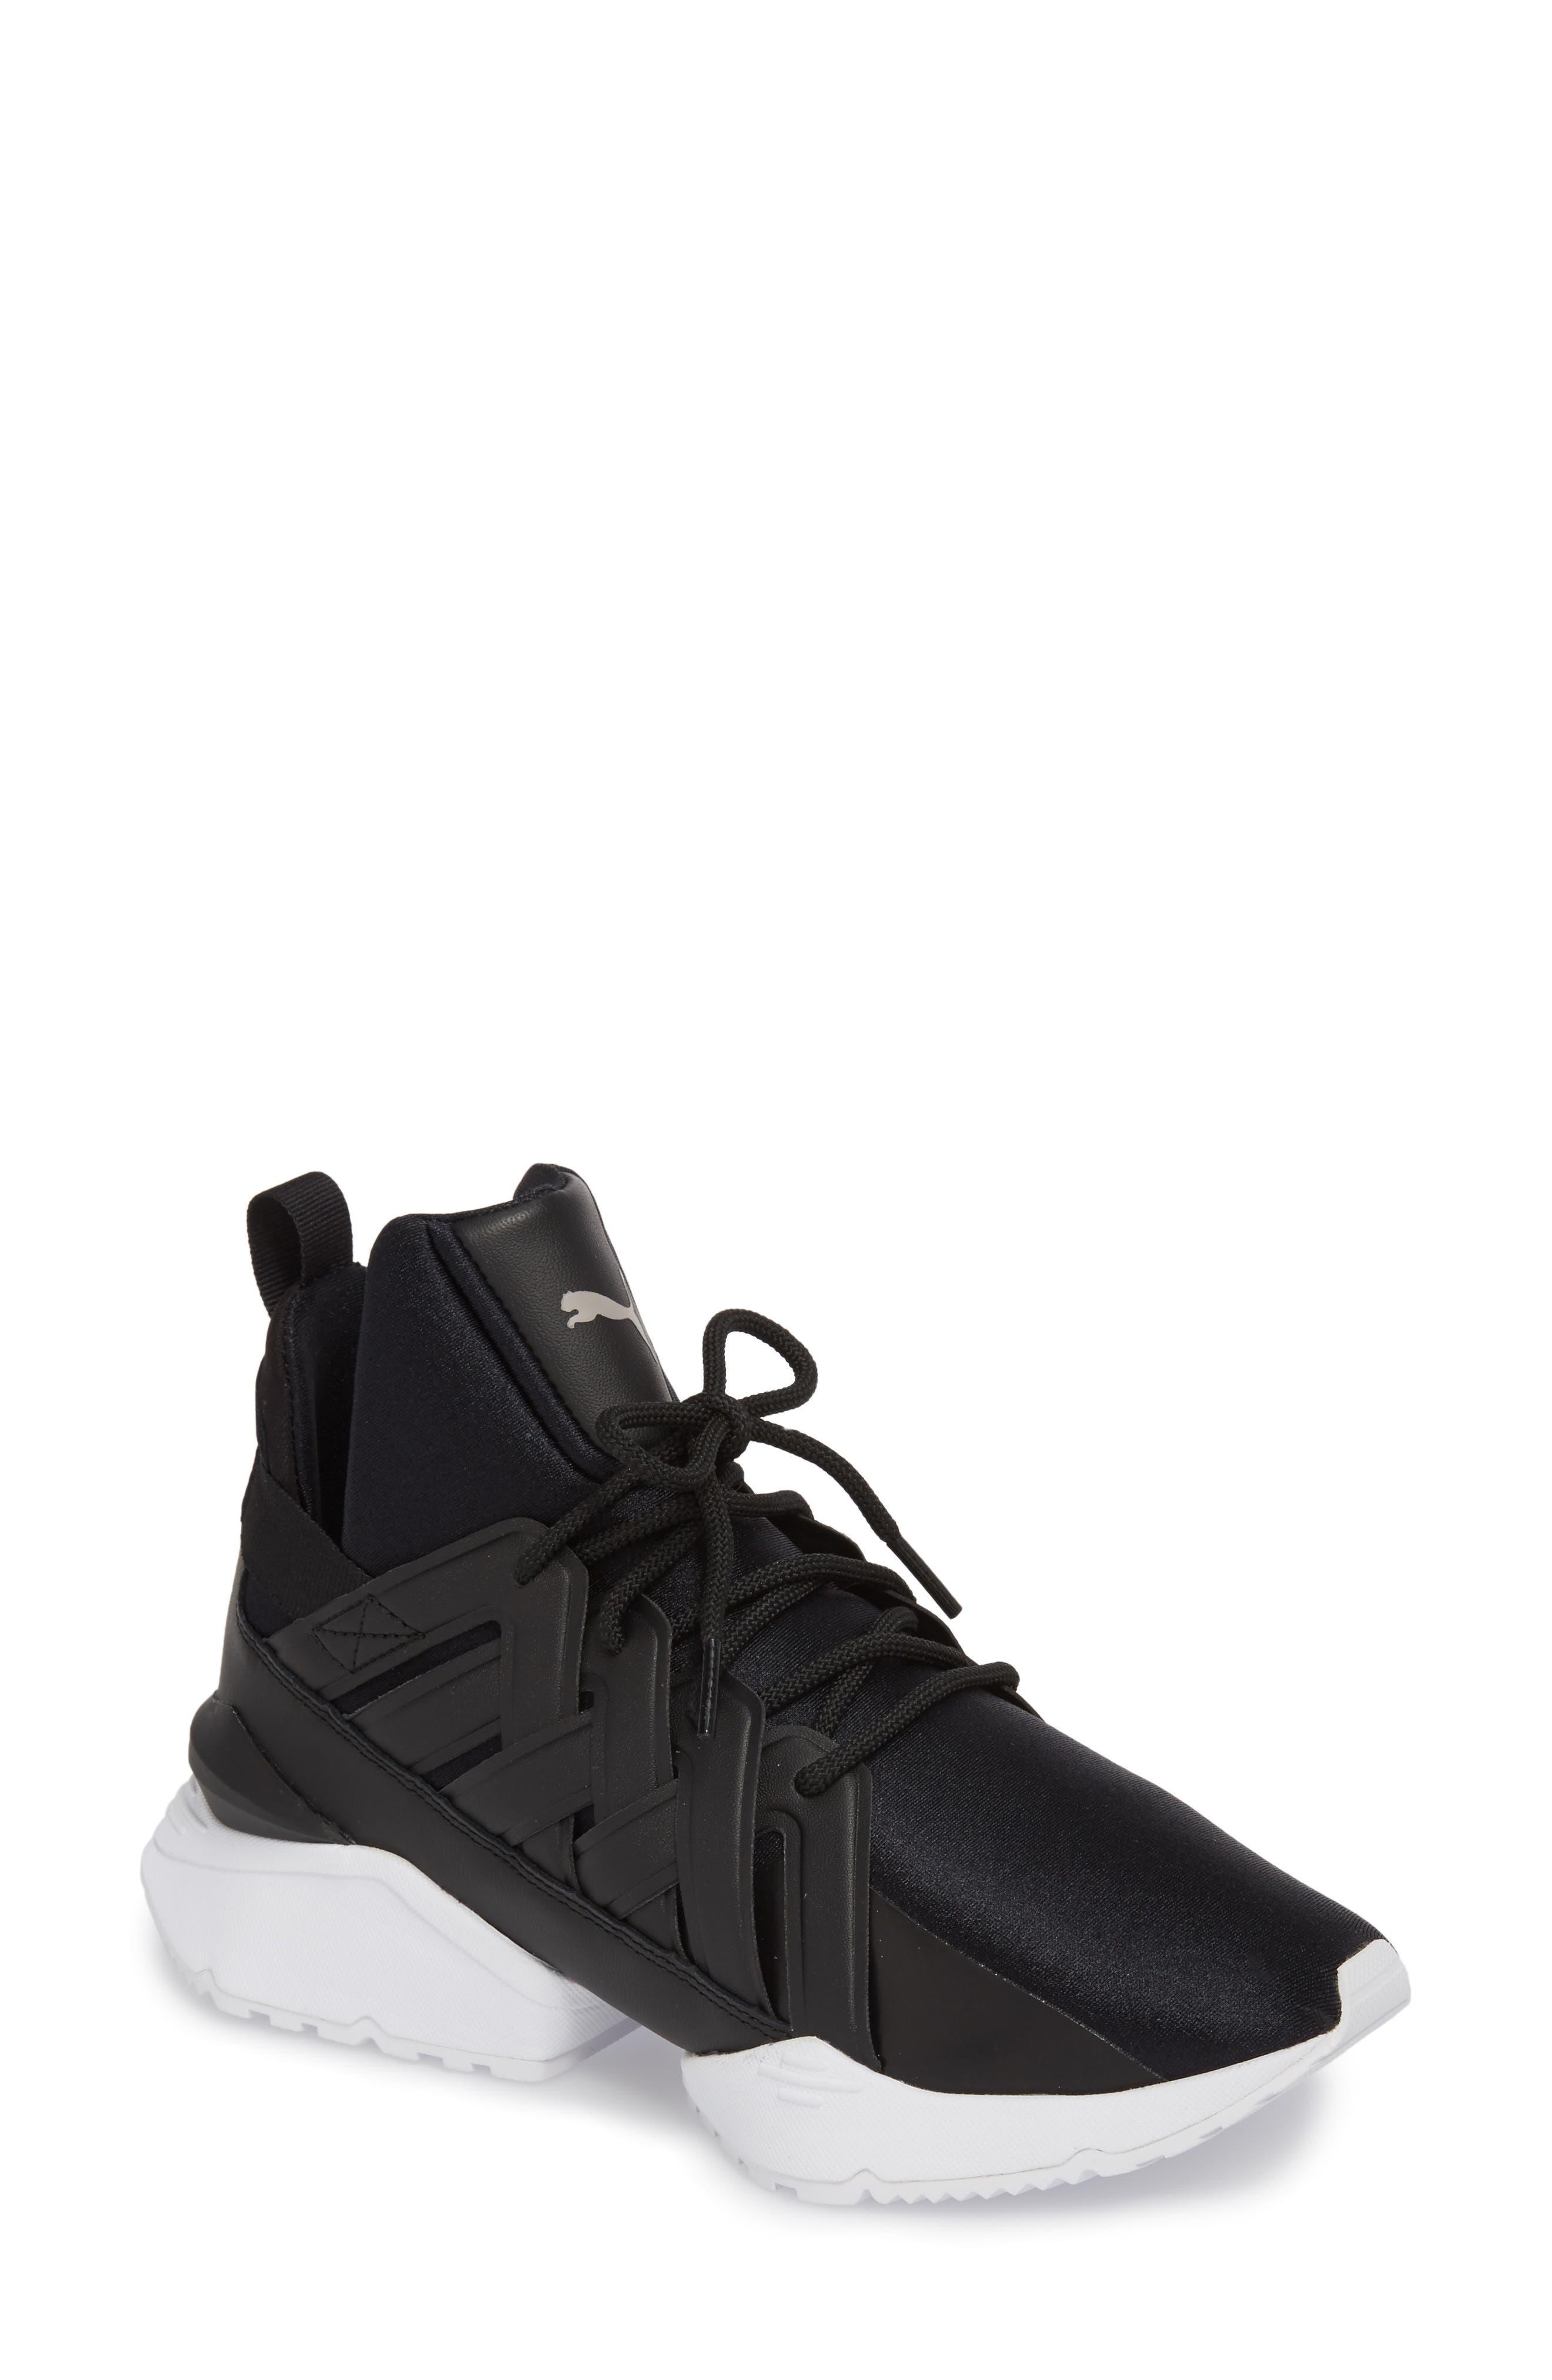 Muse Echo Satin En Pointe High Top Sneaker,                             Main thumbnail 1, color,                             Puma Black/ Puma White